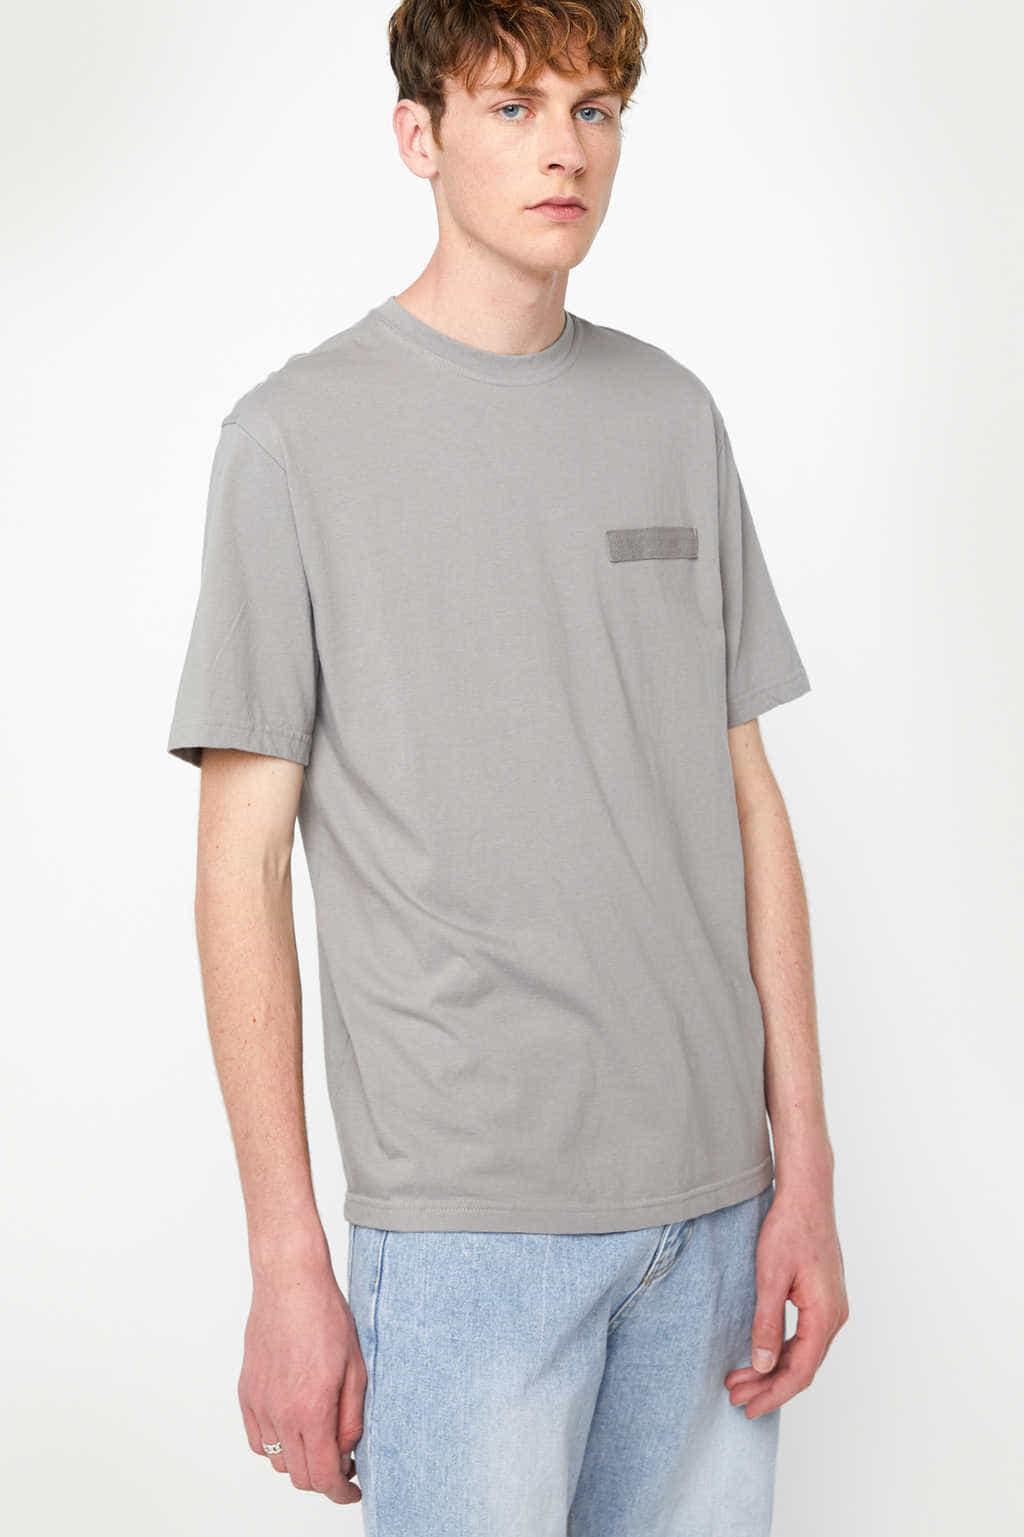 TShirt K006M Gray 1